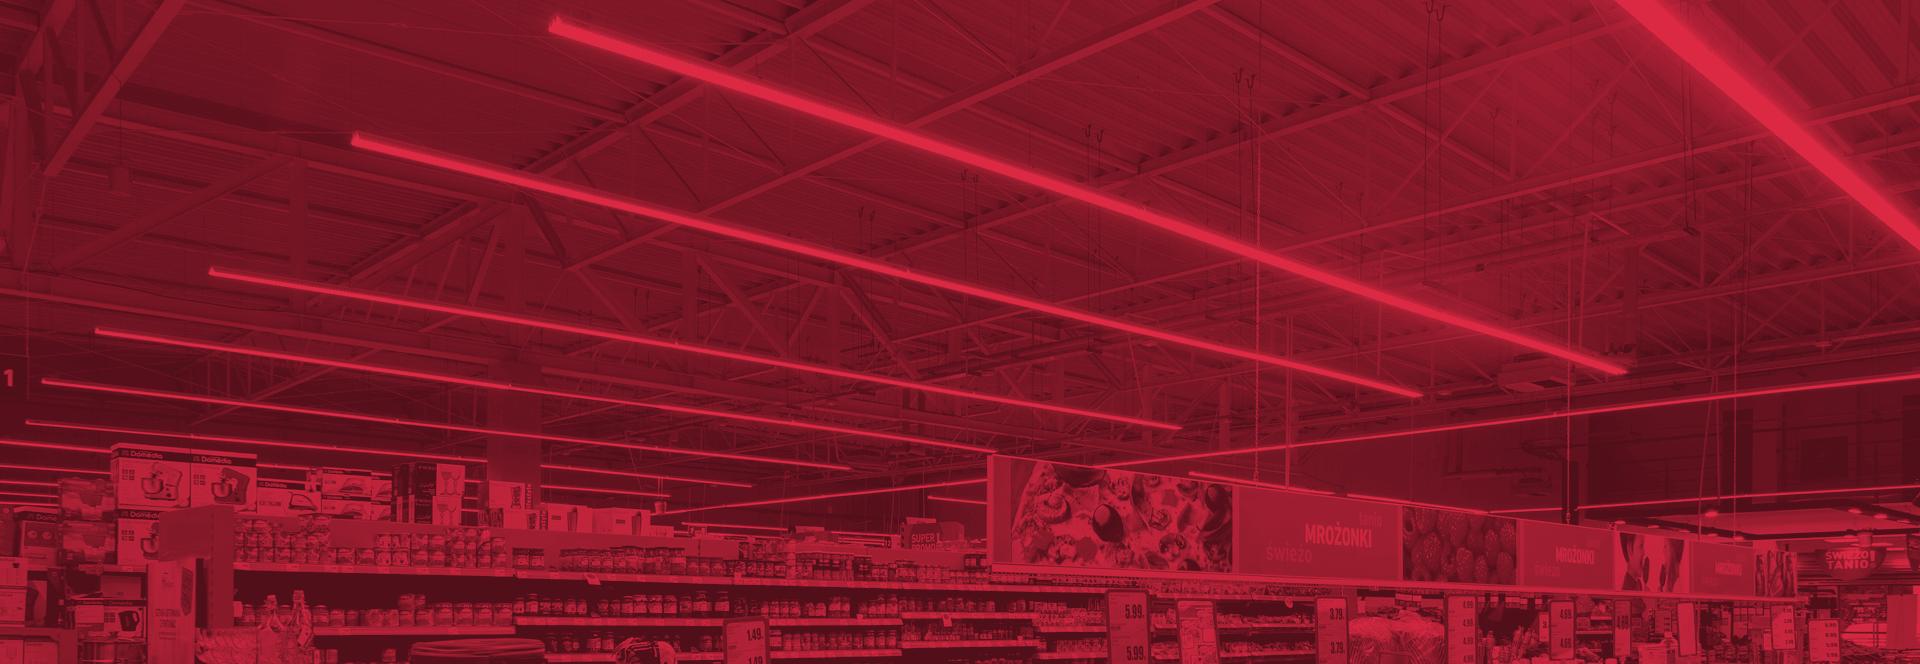 Systemy oświetleniowe LED